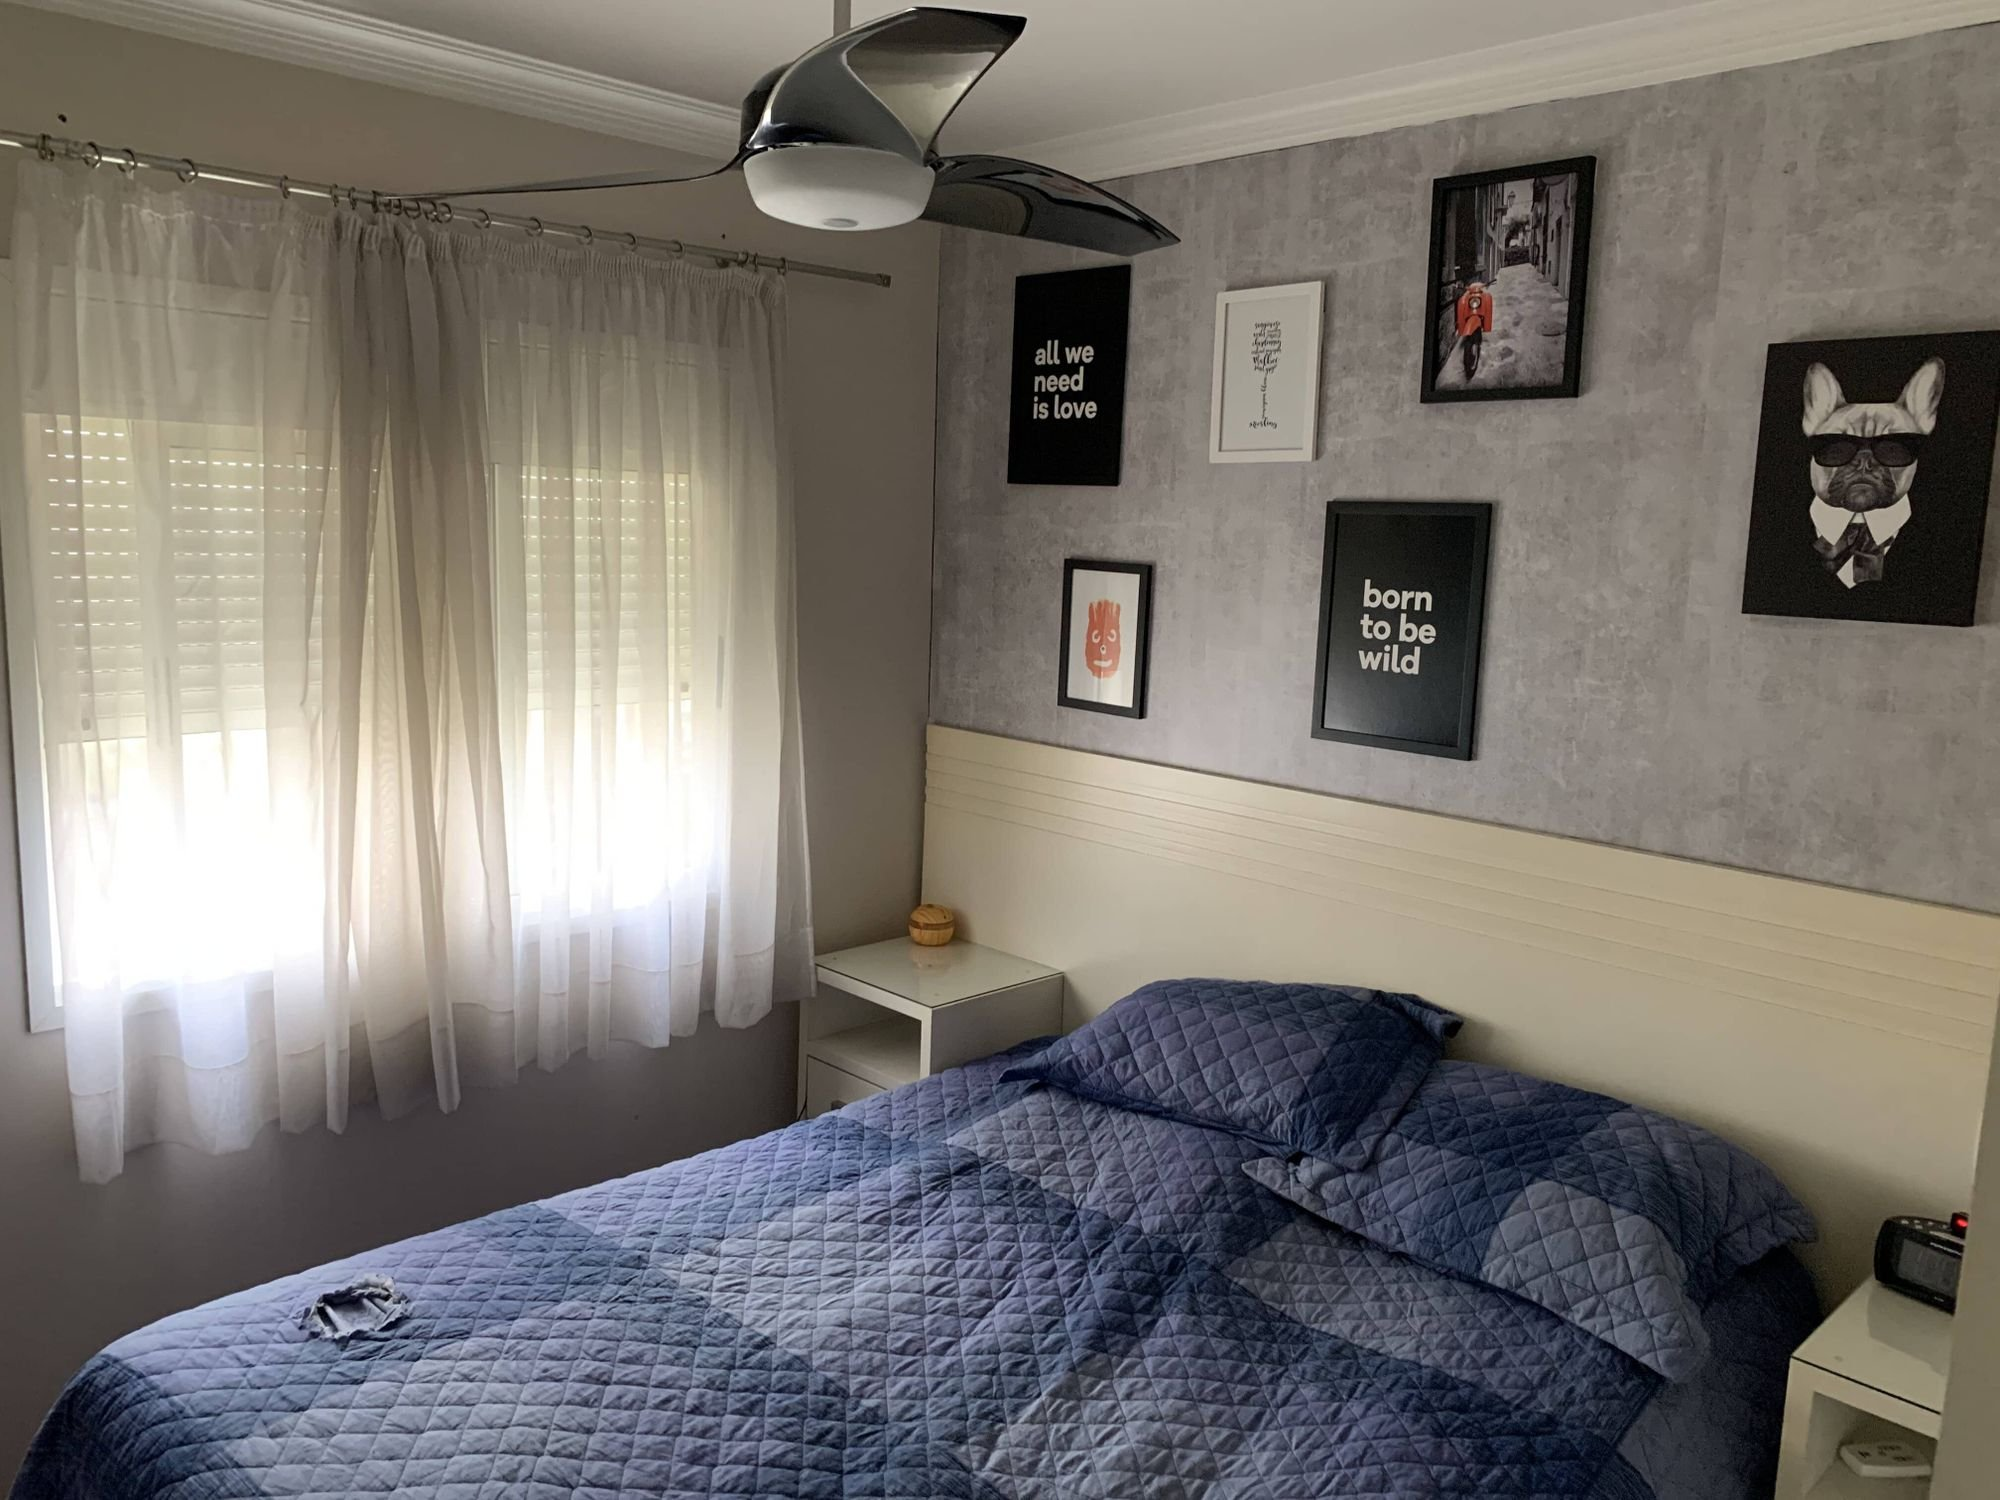 Foto de Quarto com cama